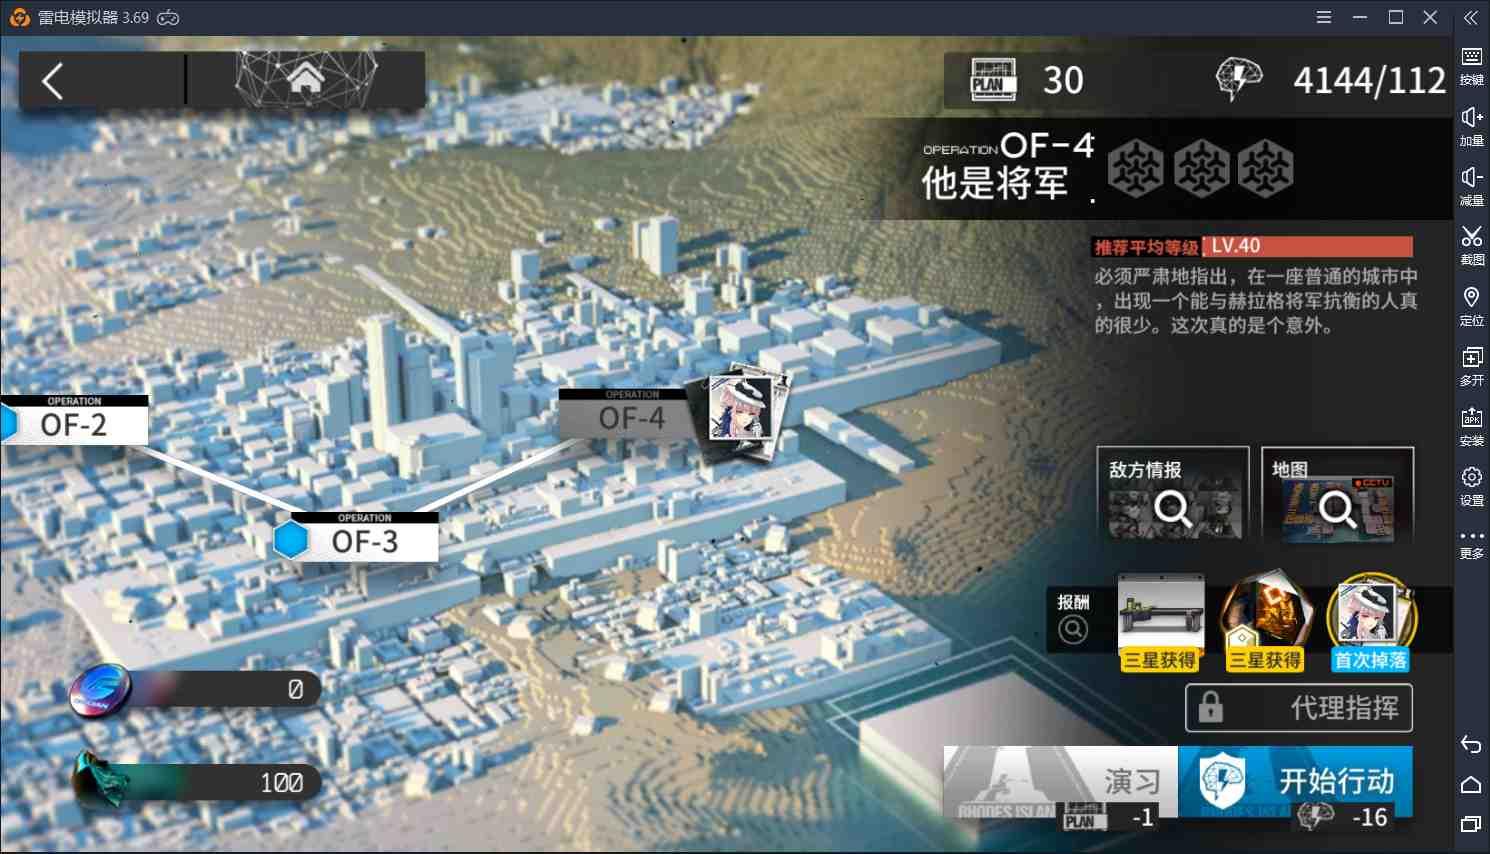 【明日方舟】火蓝之心活动OF-4通关攻略和要点解说